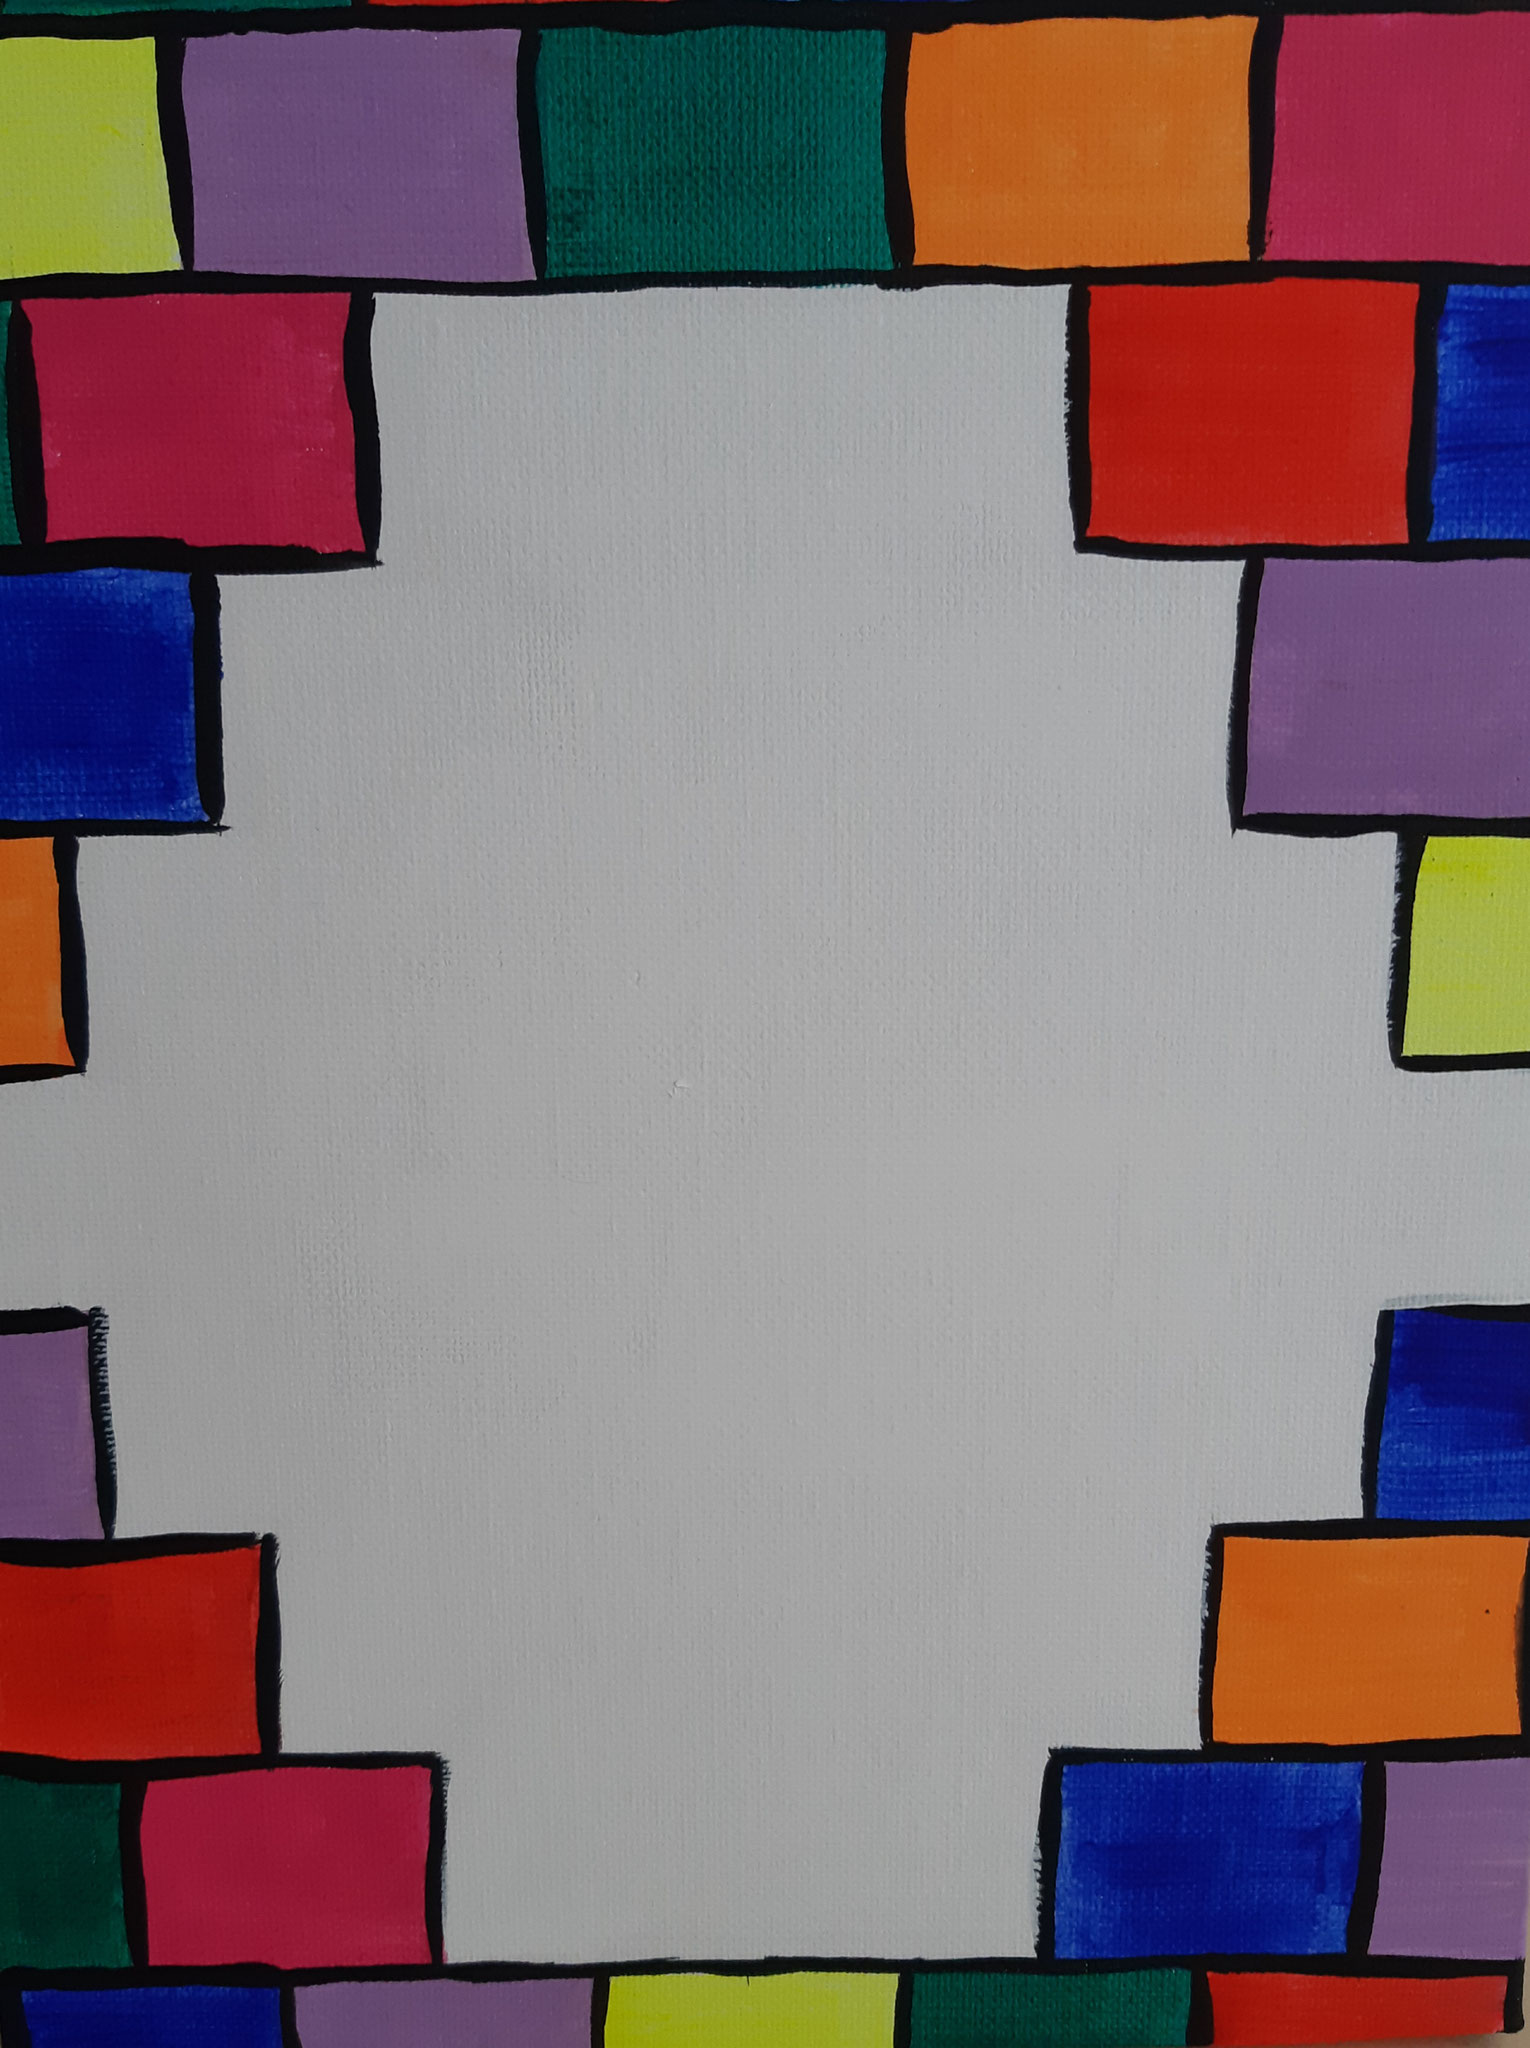 mur coloré 3